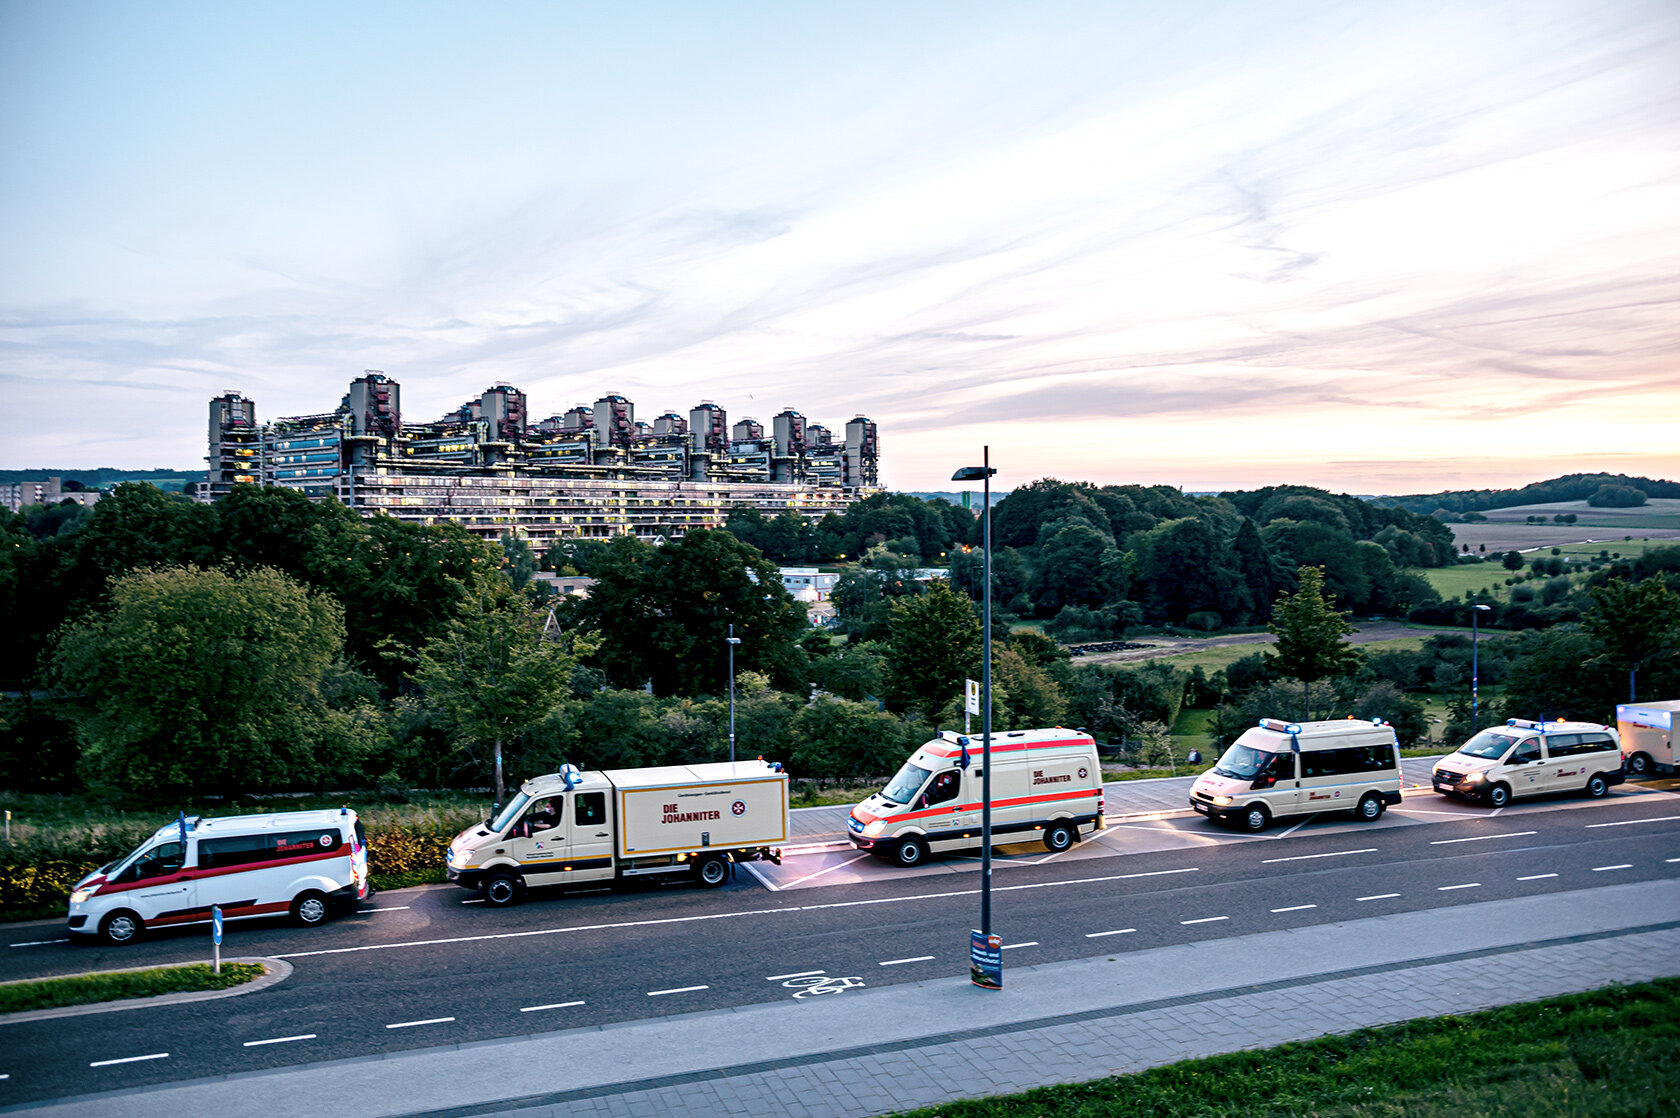 Einsatzfahrzeuge der Johanniter mit dem Aachener Klinikum im Hindergrund